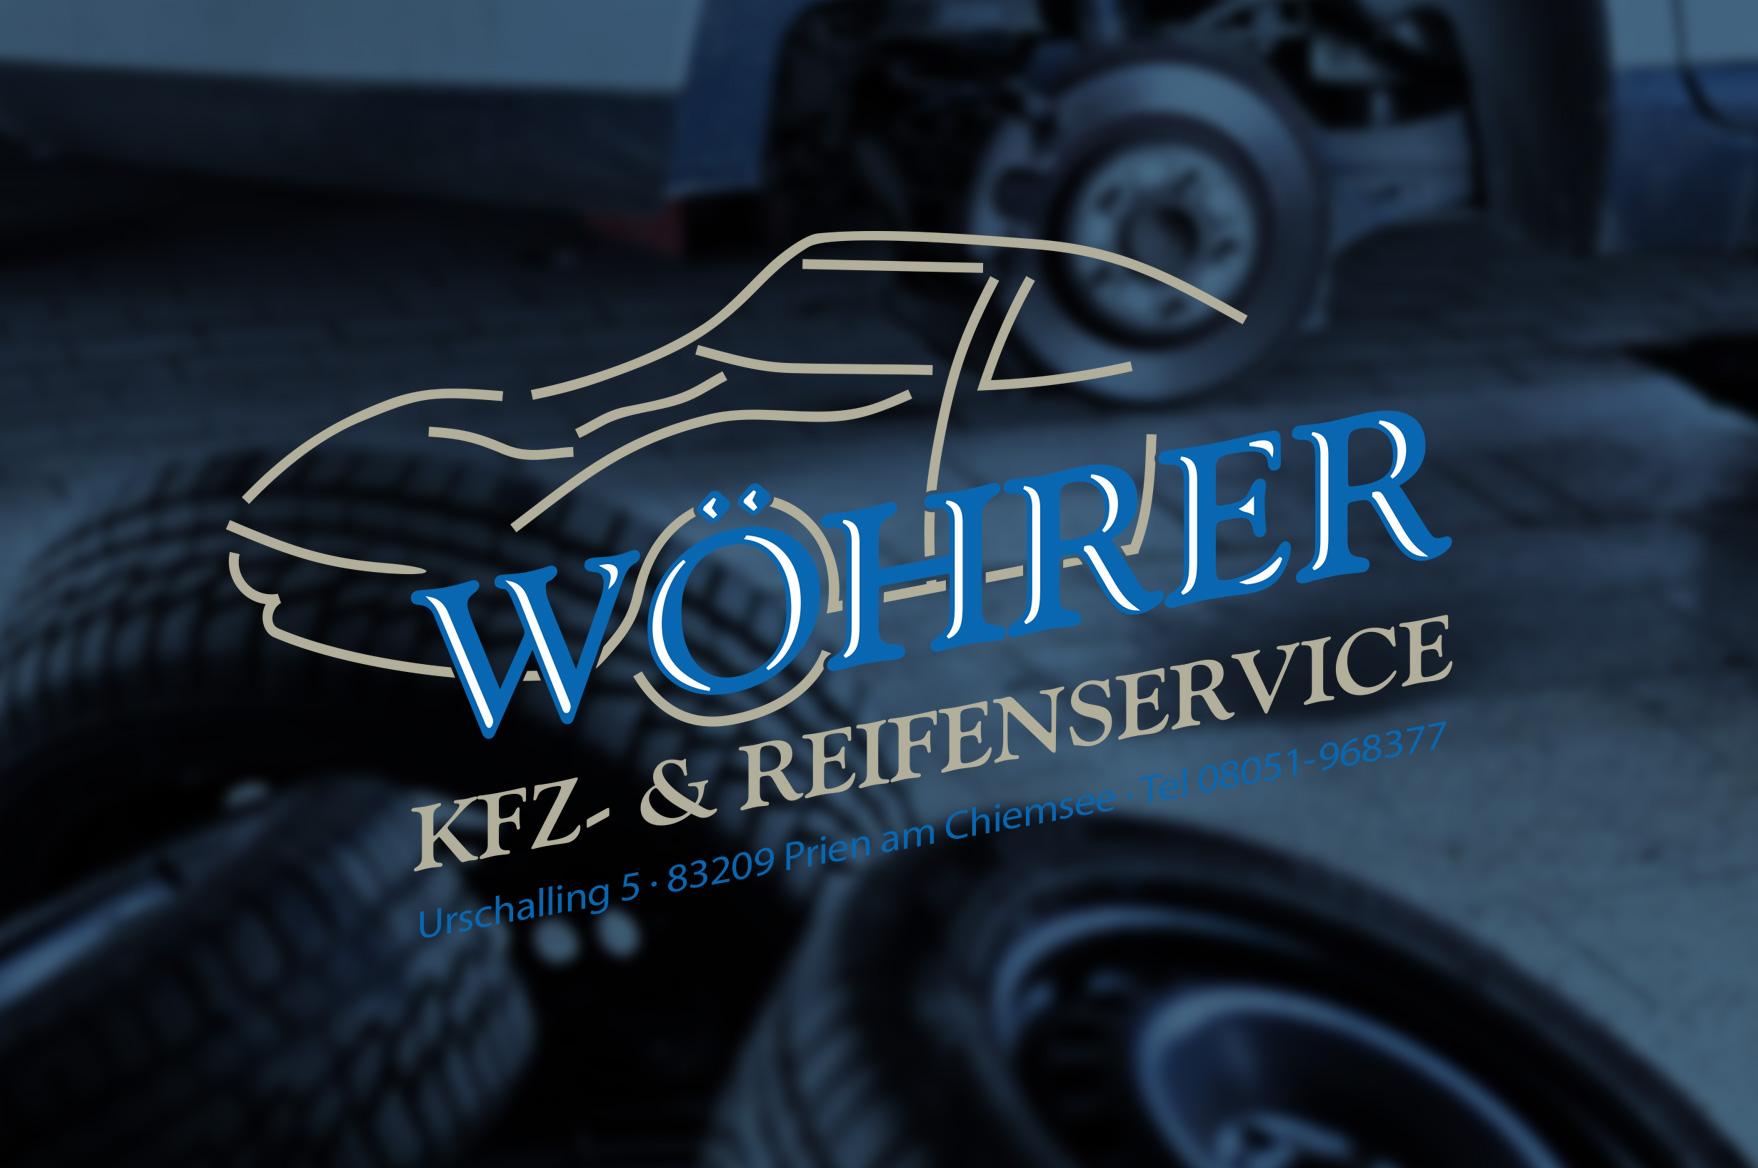 woehrer-autowerkstatt-prien-logo